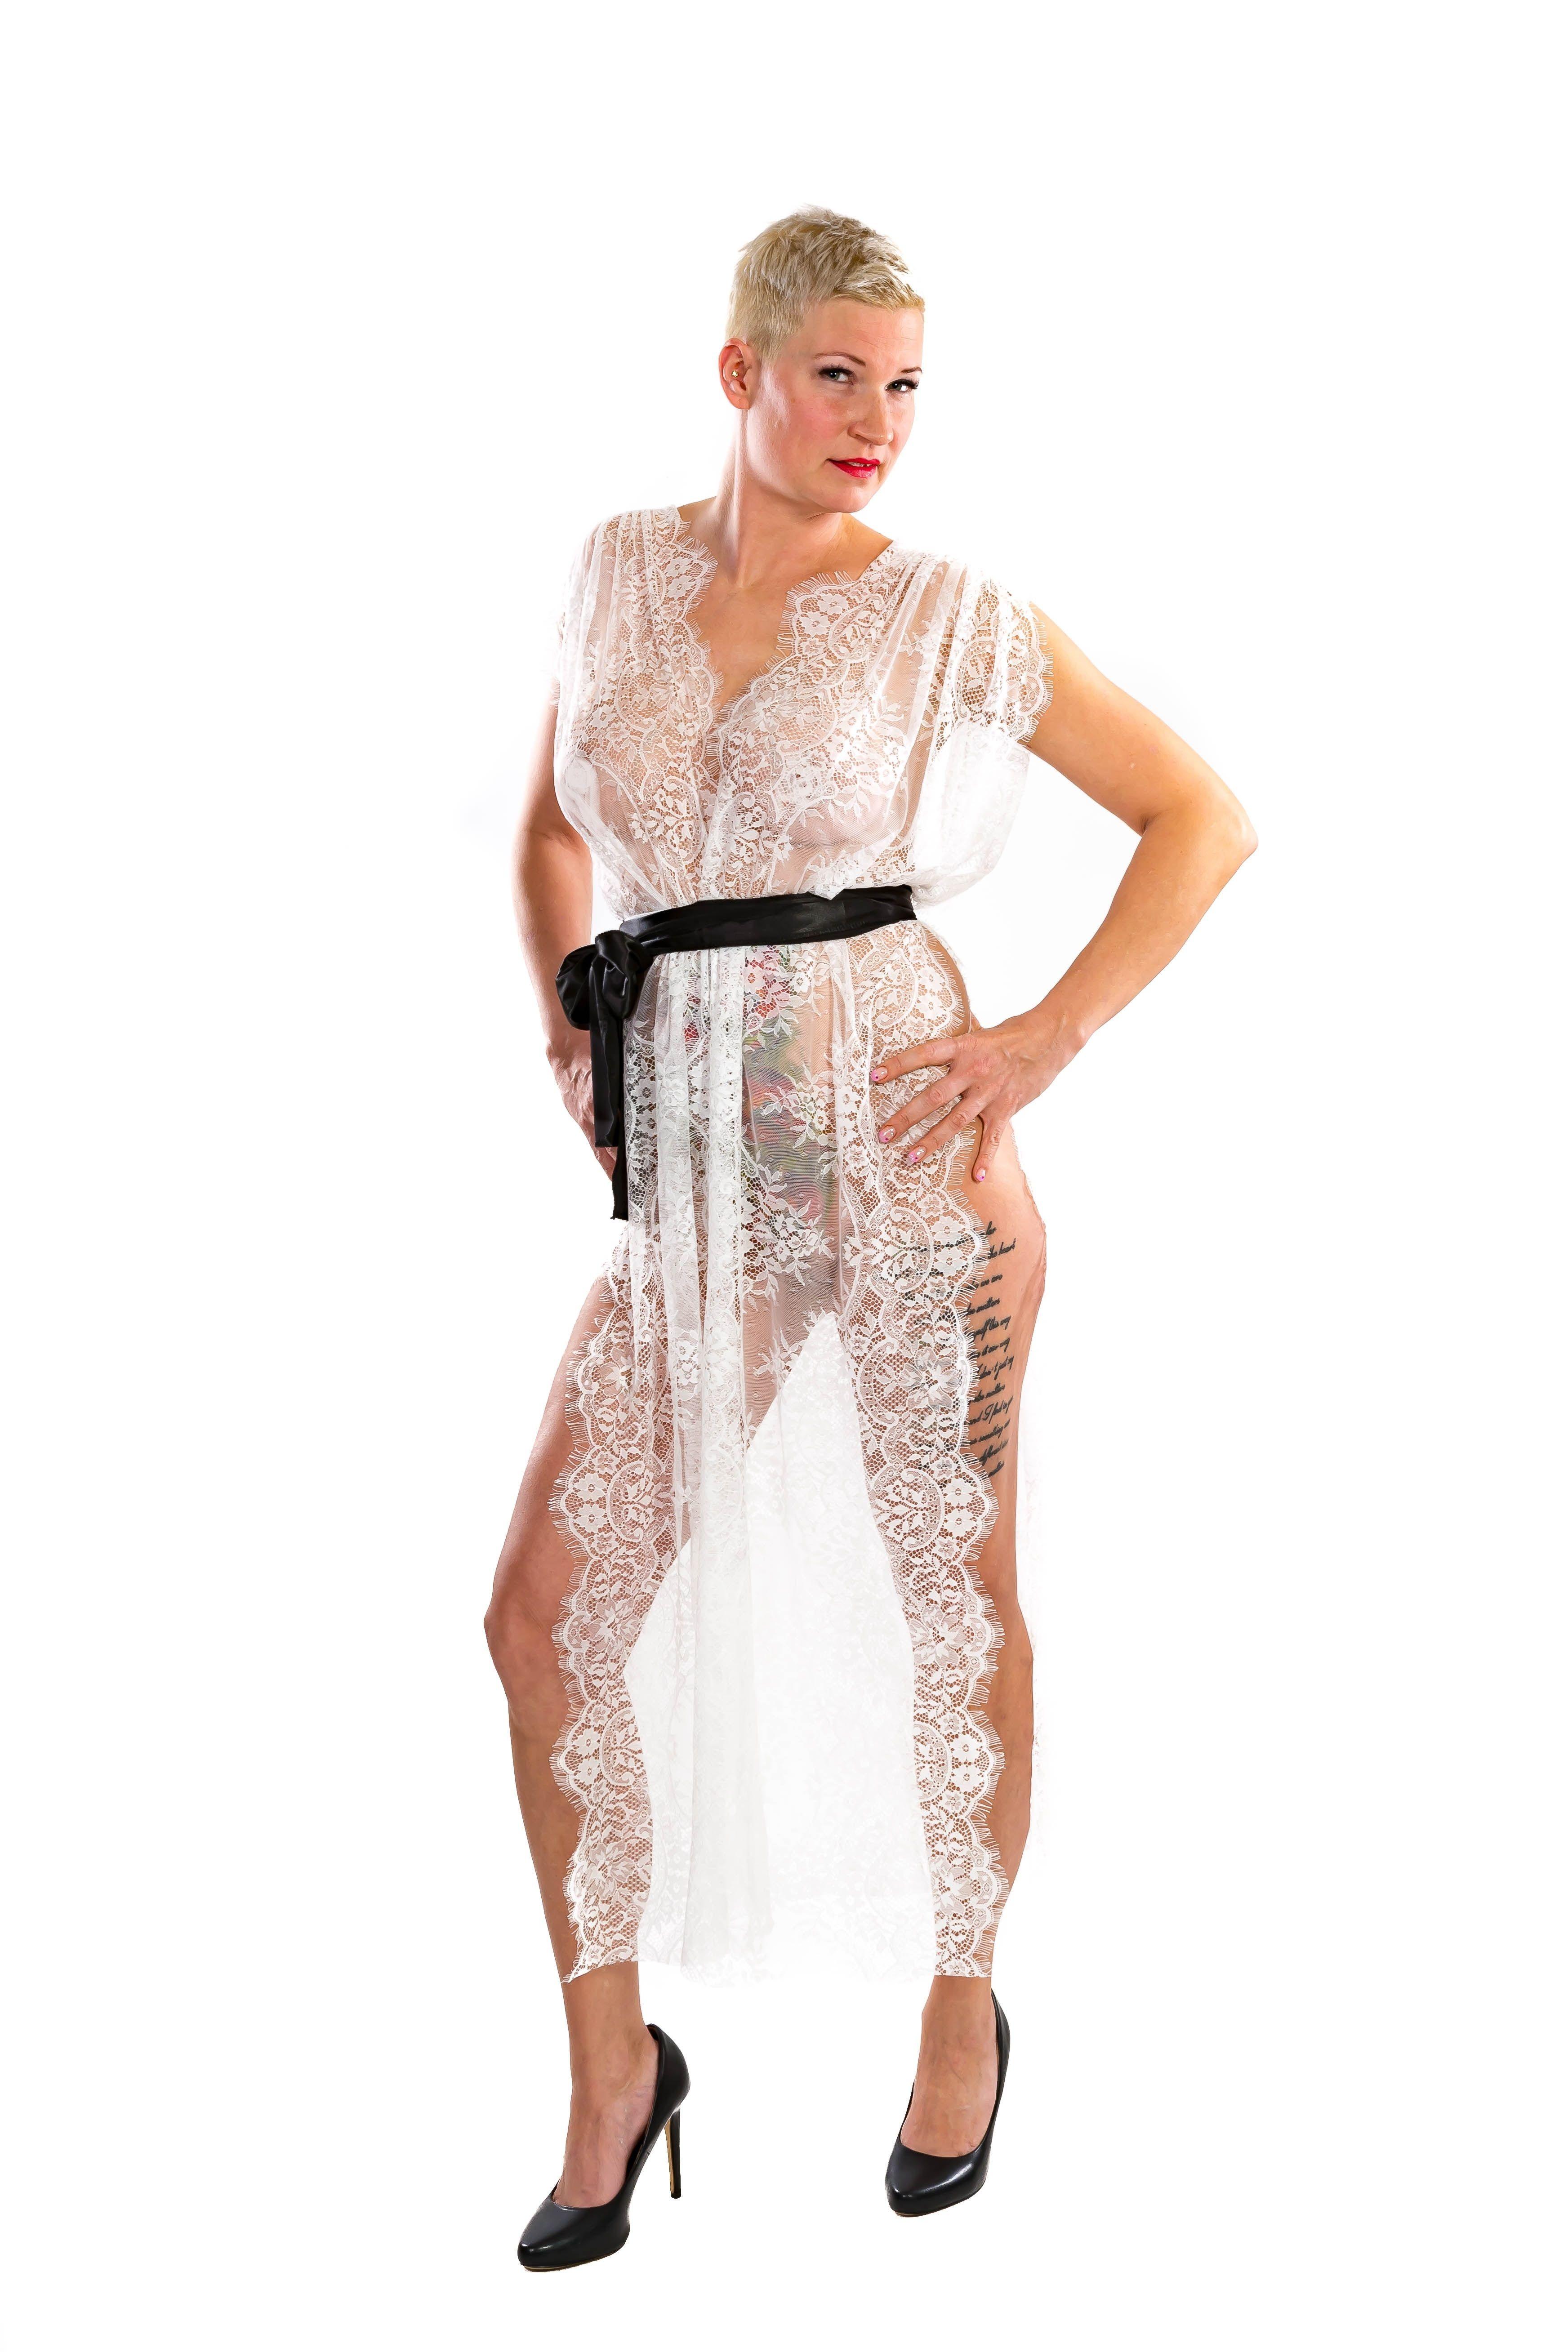 0e8c6dae4bda2c Kleid Lydia aus weißer Wimpernspitze mit schwarzem Satingürtel von  SiaLinda! 89